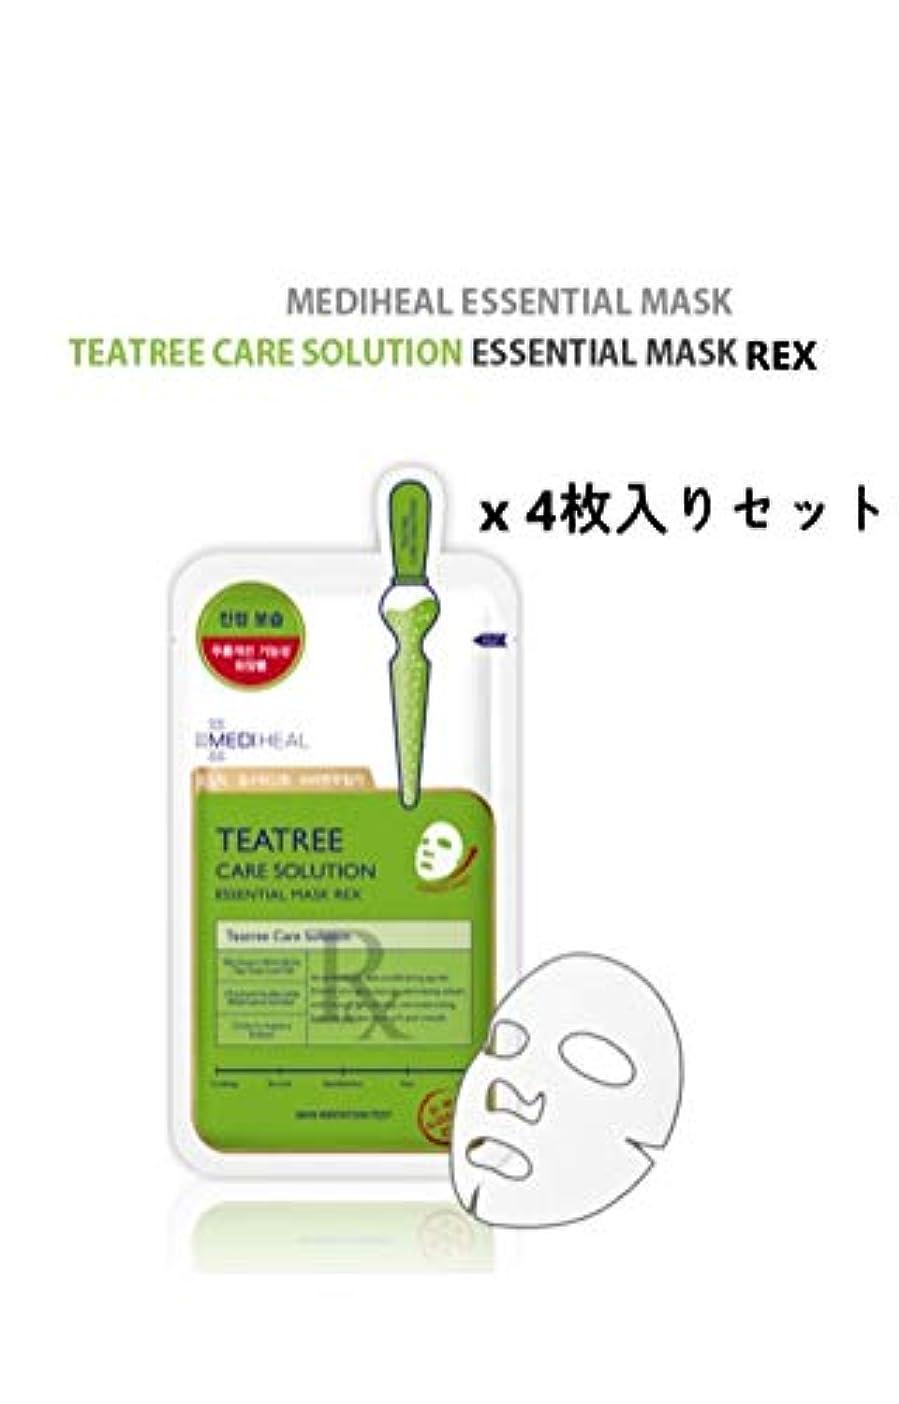 リース約束する地球MEDI HEAL☆Teatree Care Solution essential mask REX(4pcs)☆ メディヒール ティーツリーケア ソルーション エッセンシャルマスクREX(4枚入り) [並行輸入品]